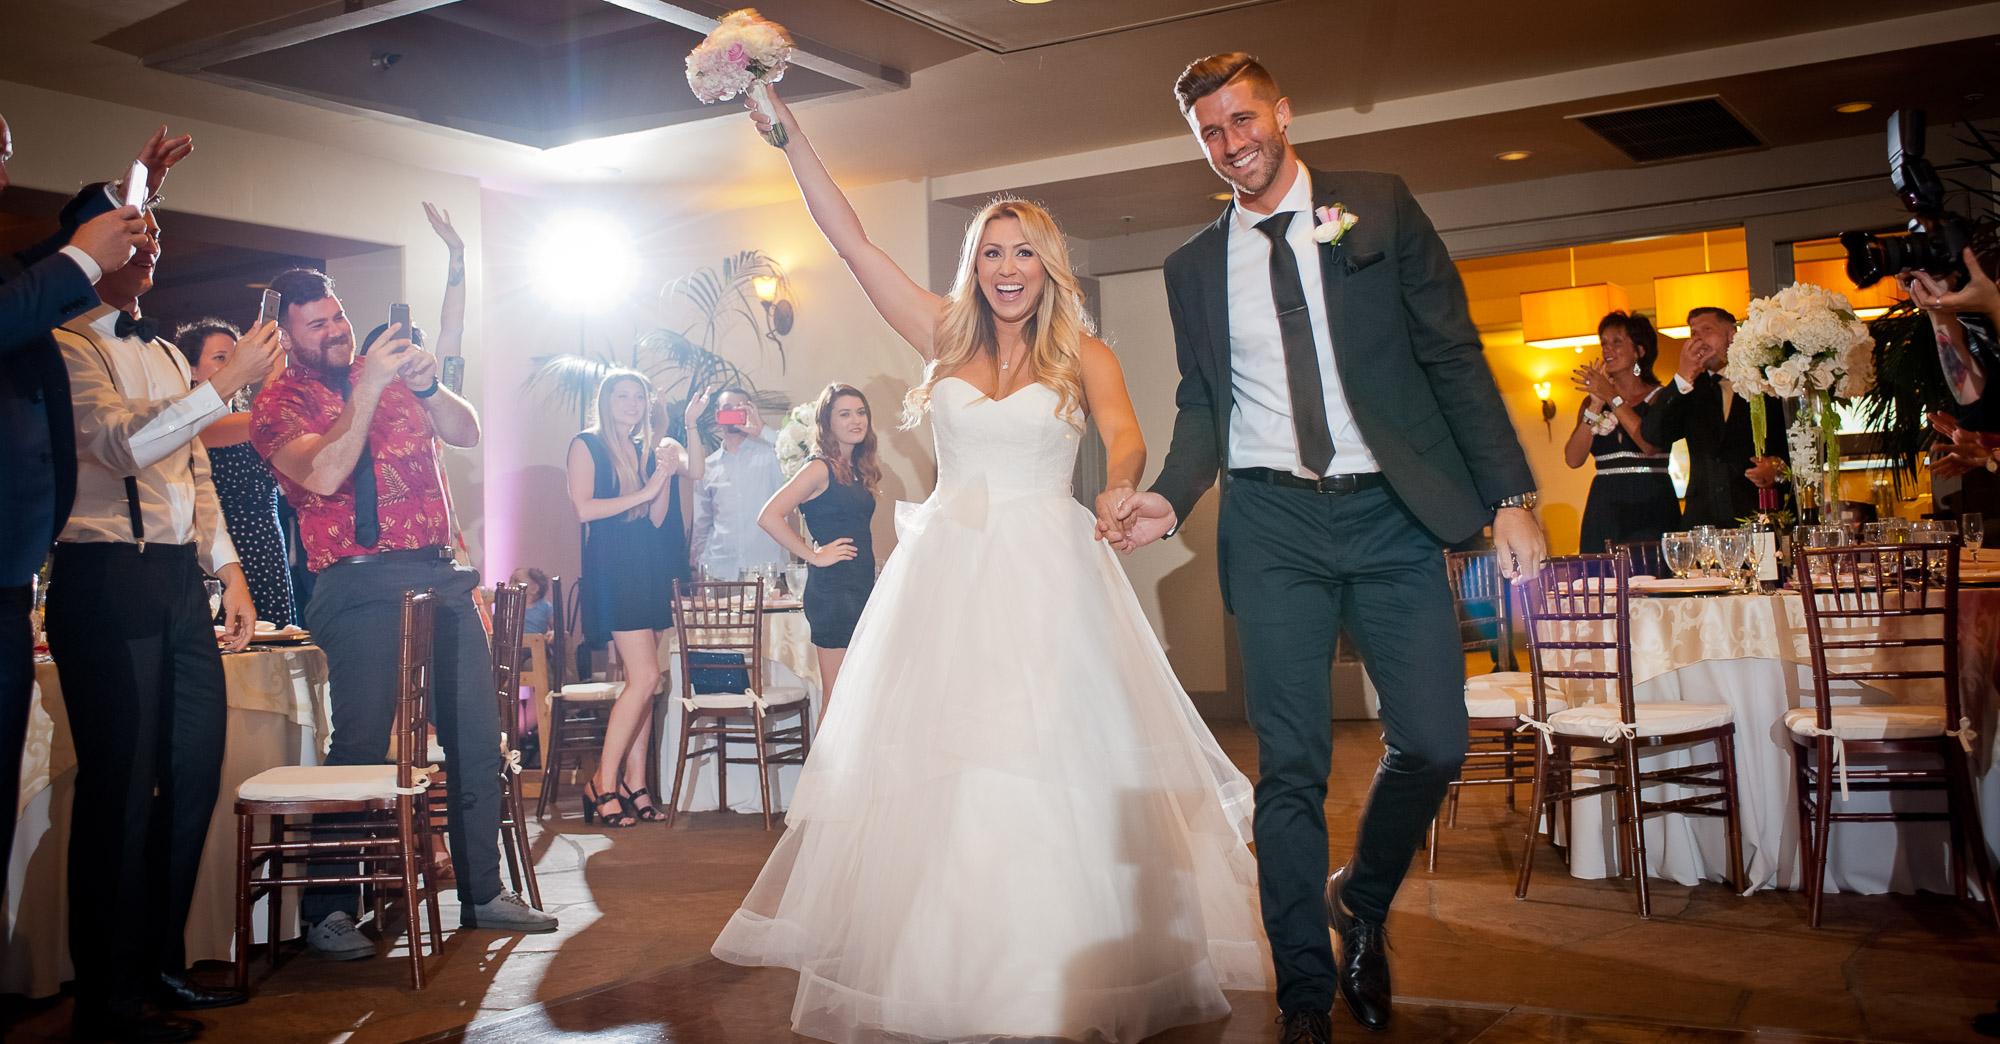 Tasha & Buddy – Turnip Rose Promenade & Gardens Wedding featured slider image